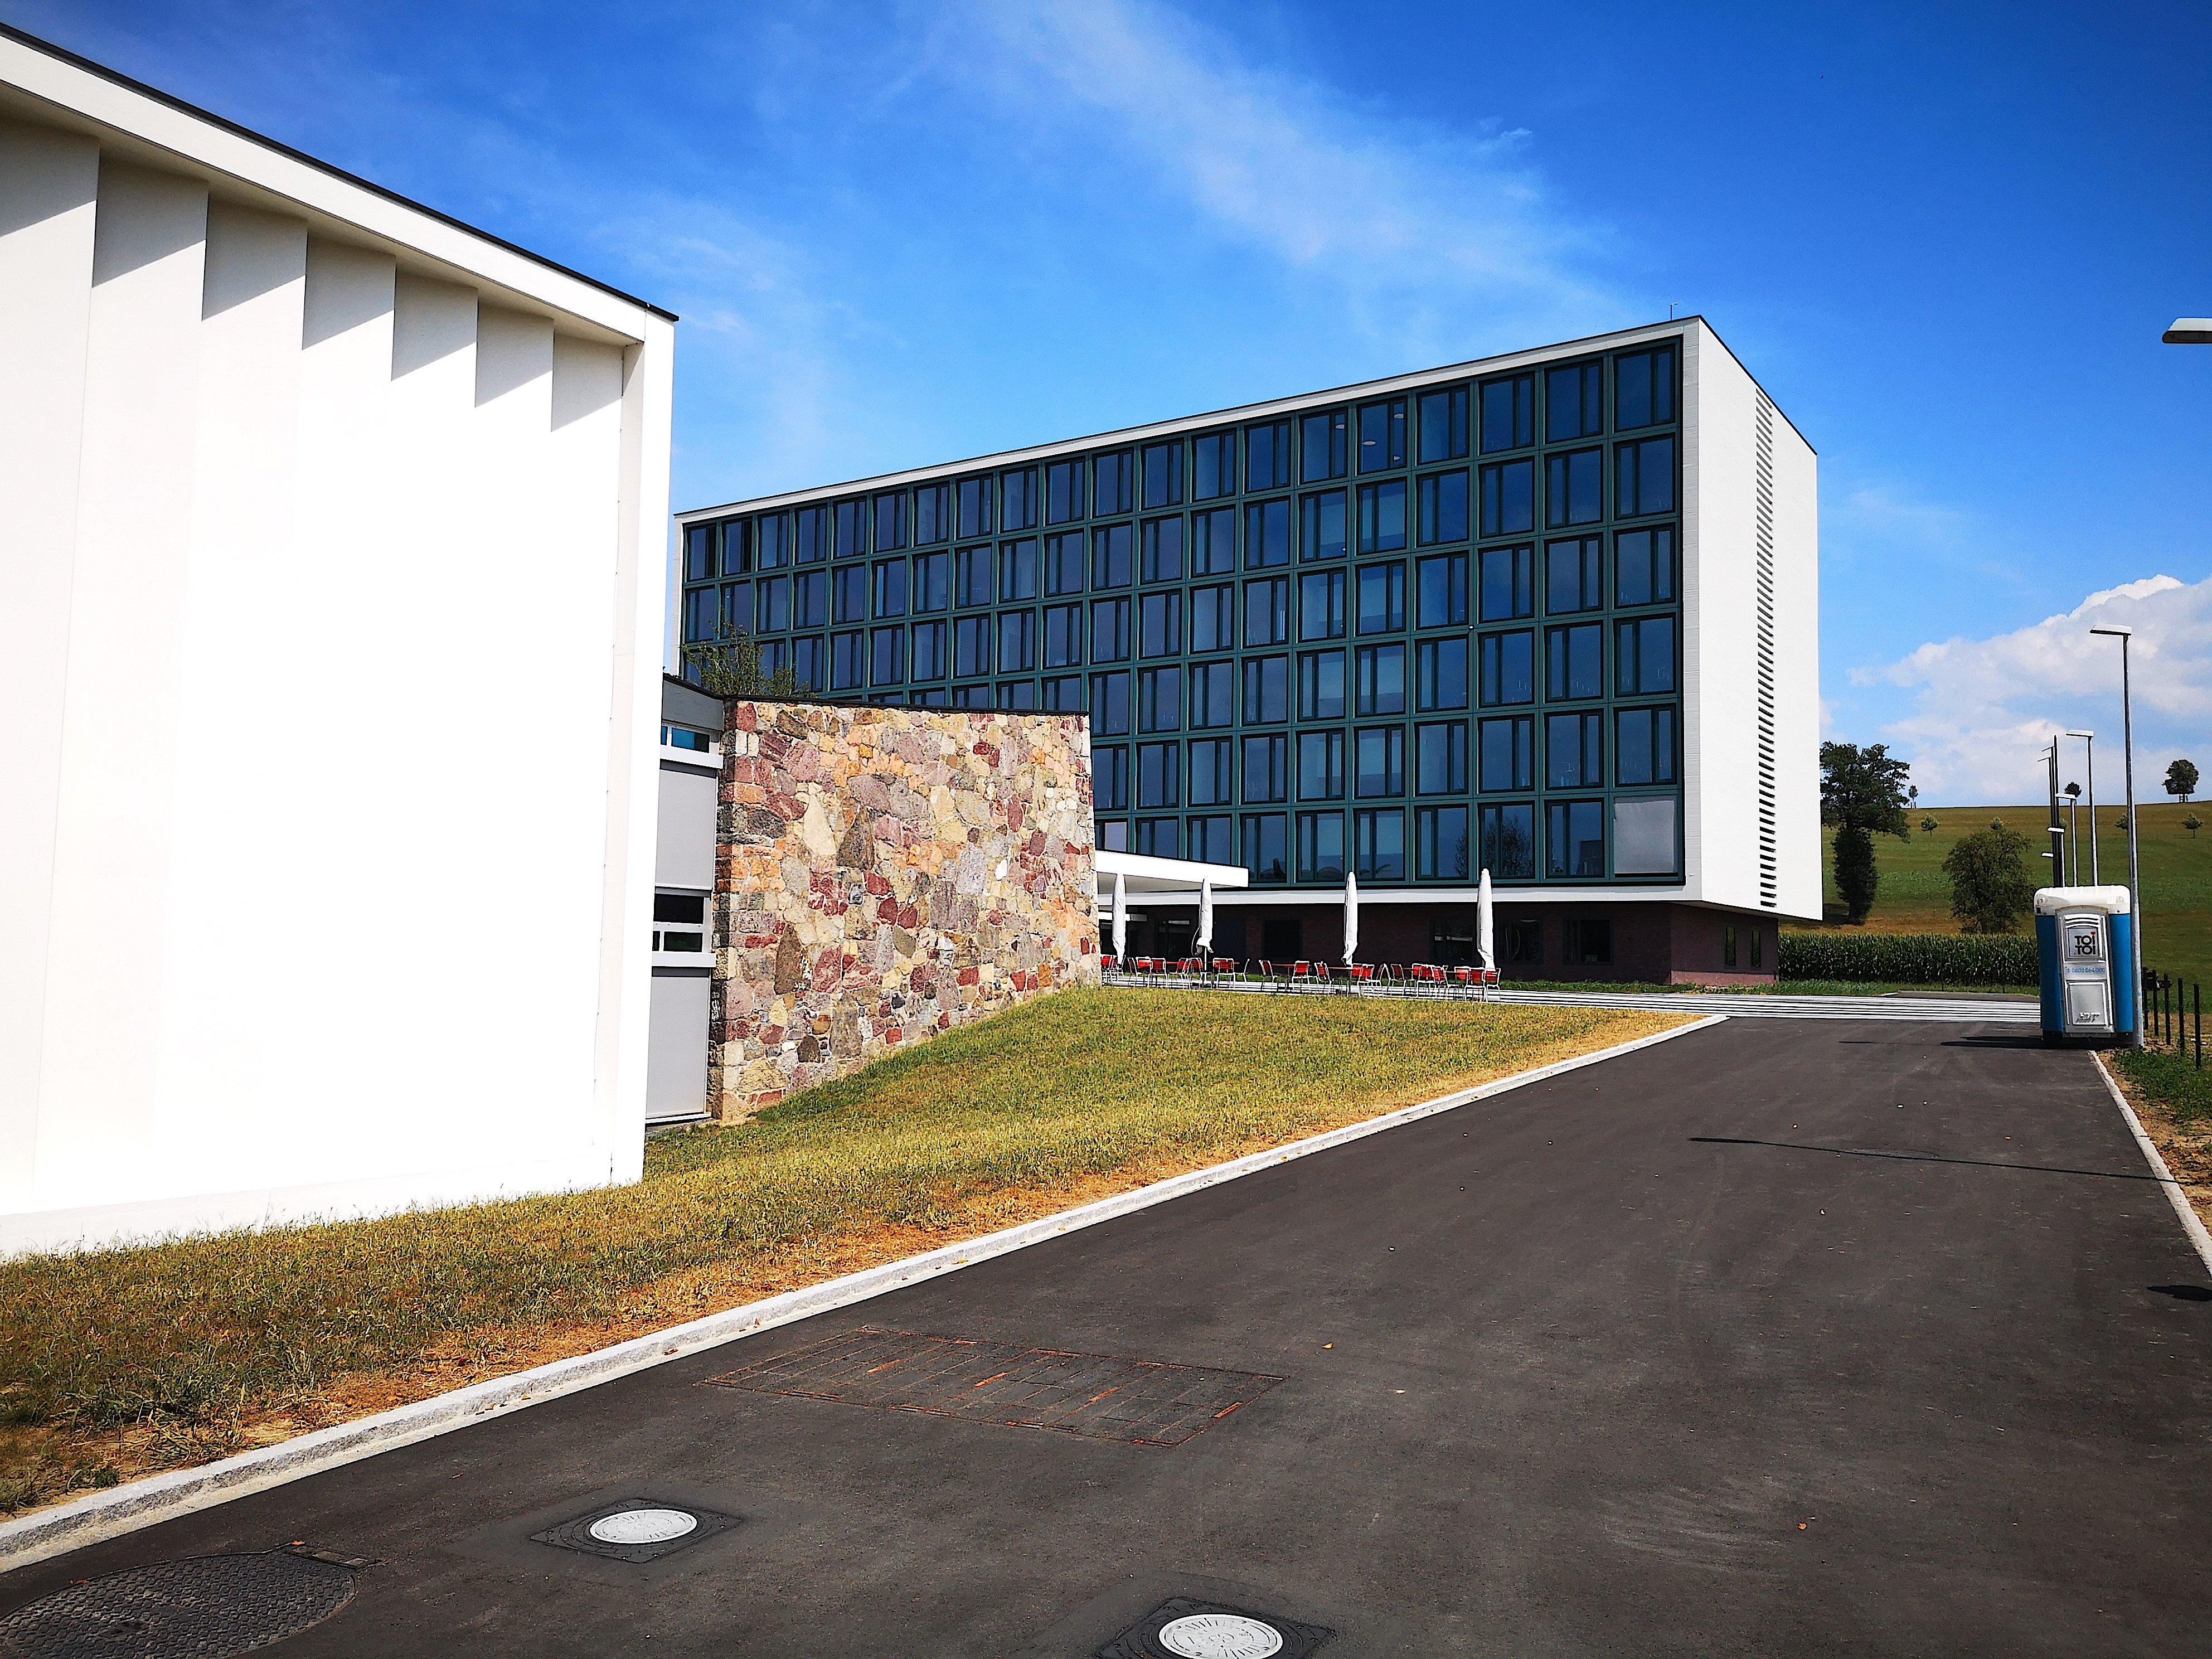 Imposantes Architekturensemble: Die Kantonsschule Menzingen wurde für 110 Millionen Franken umgebaut und erweitert. Dabei hat man das hintere denkmalgeschützte Gebäude abgerissen und wieder aufgebaut.